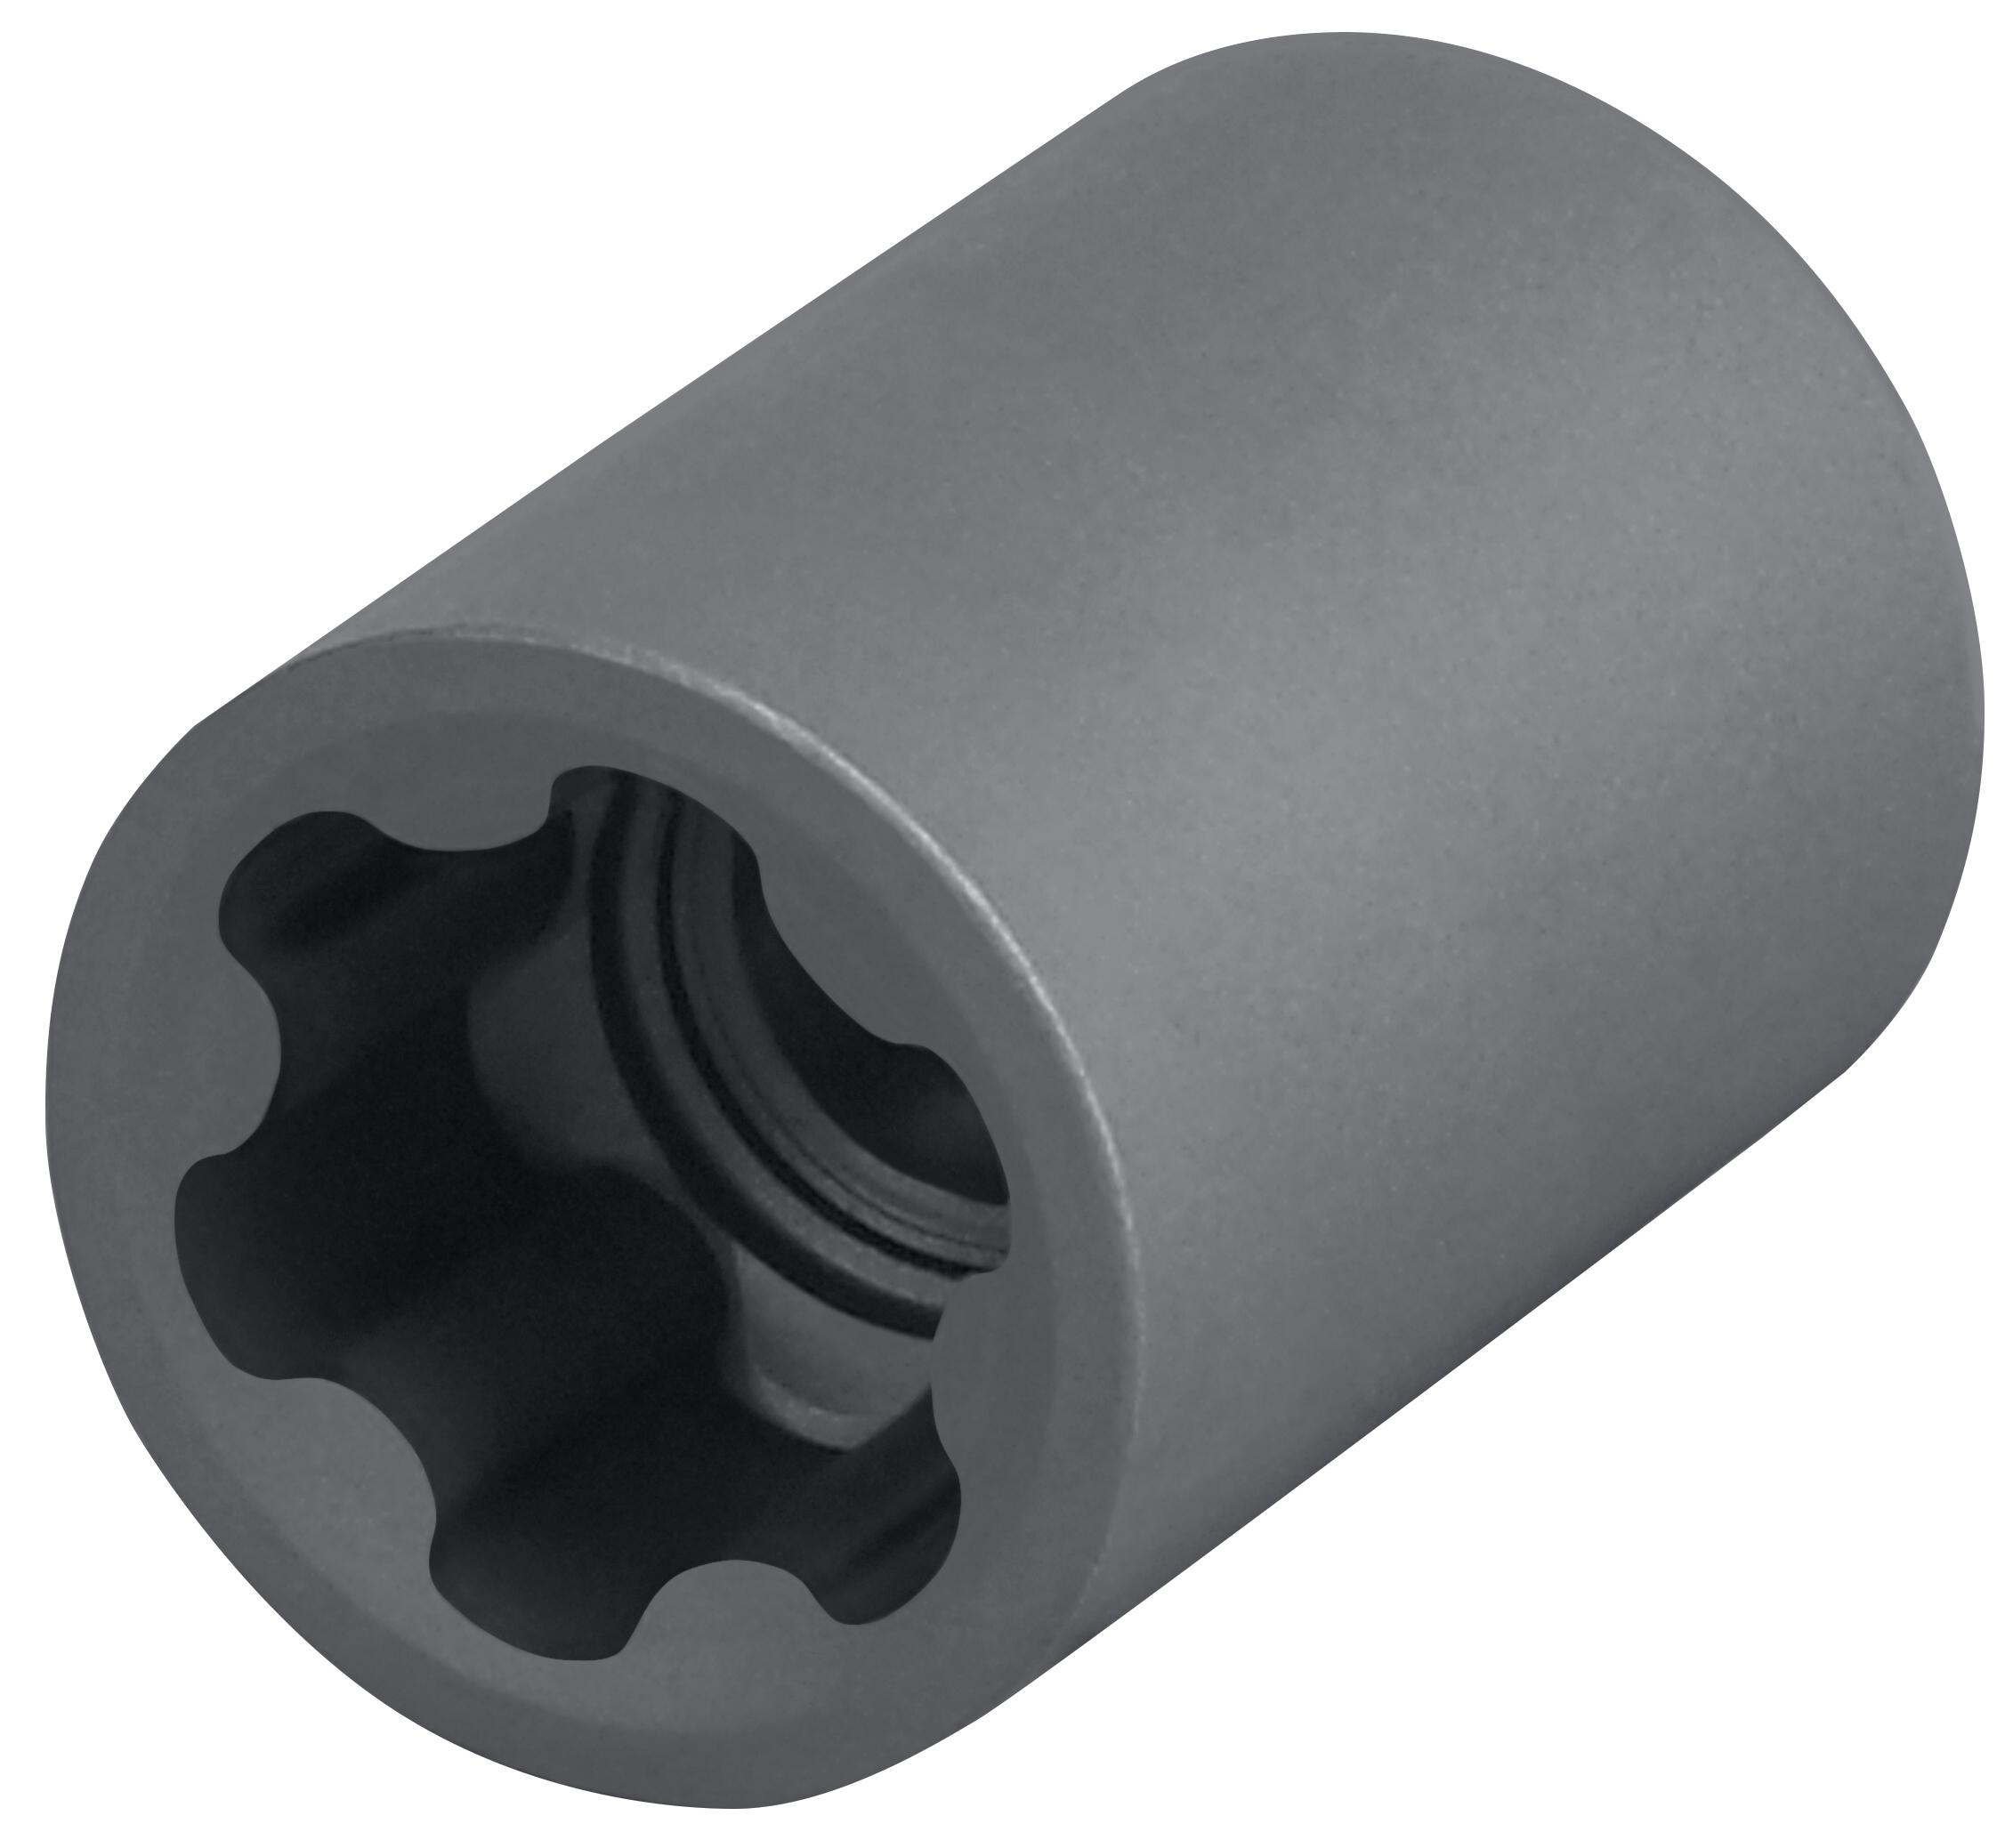 External Torx PLUS Socket | OTC Tools